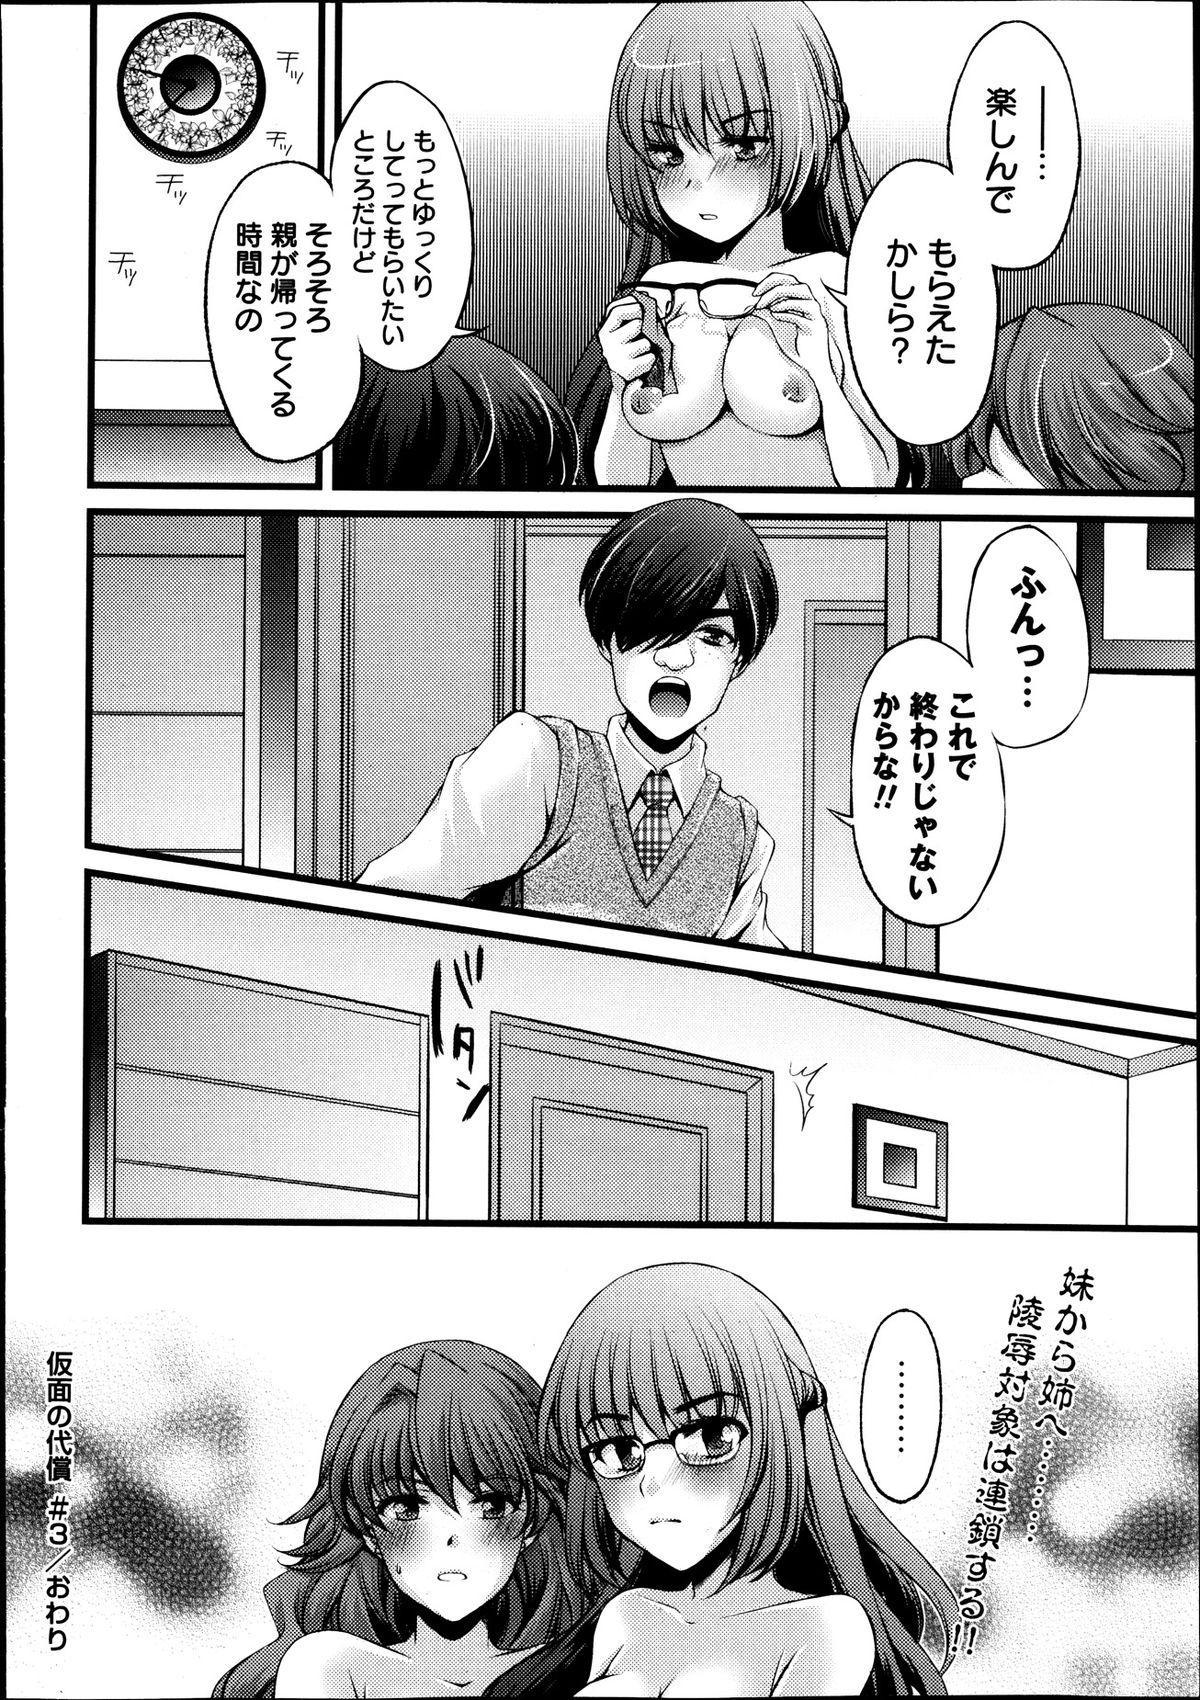 [Aoi Yumi] Kamen no Daishou ~Rensa Suru Ryoujoku~ Ch.1-5 59